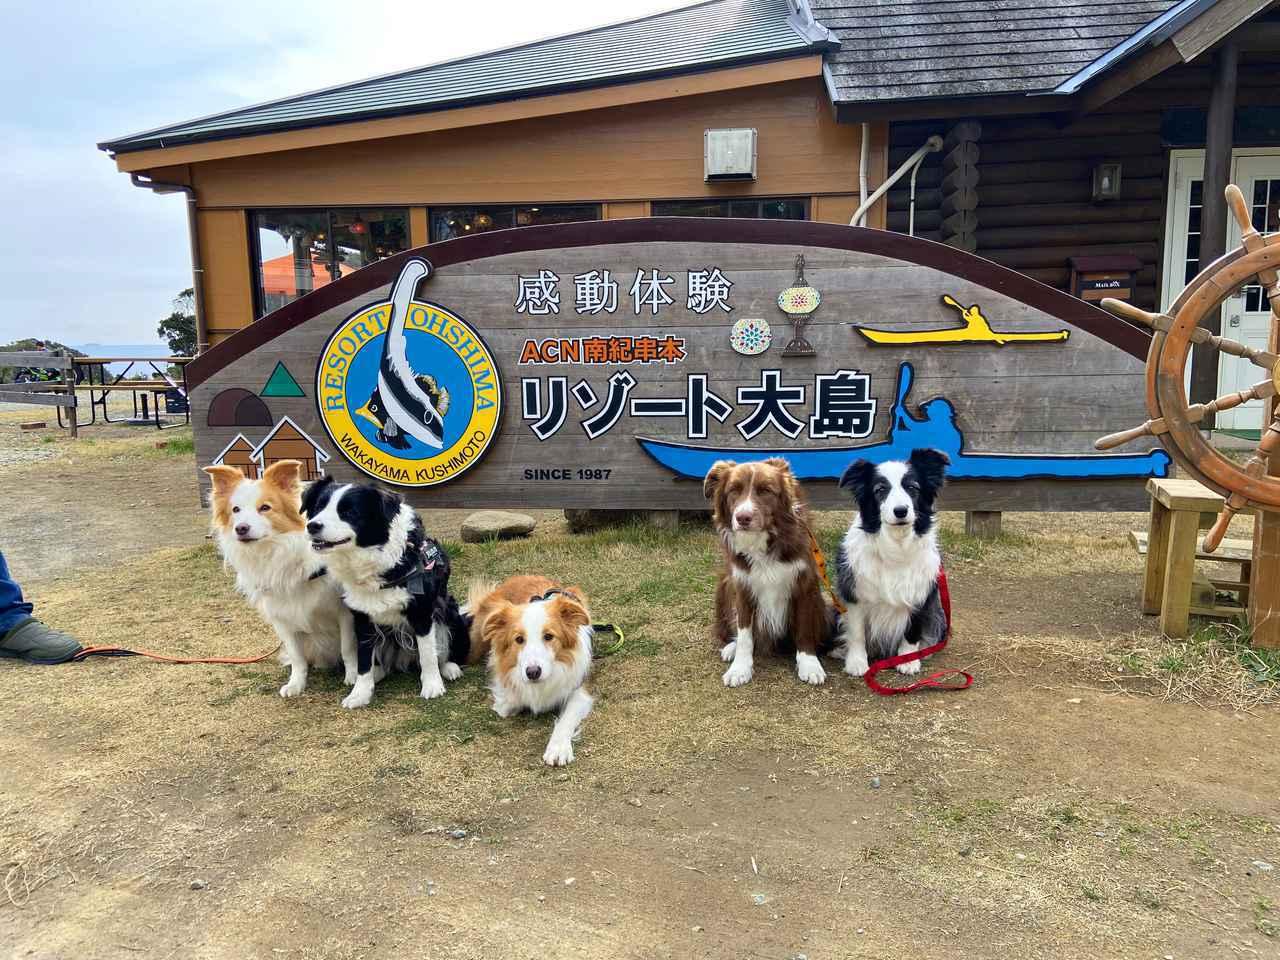 画像: 『南紀串本リゾート大島』はコテージやグランピングなどが選べるおすすめのキャンプ場 - ハピキャン(HAPPY CAMPER)